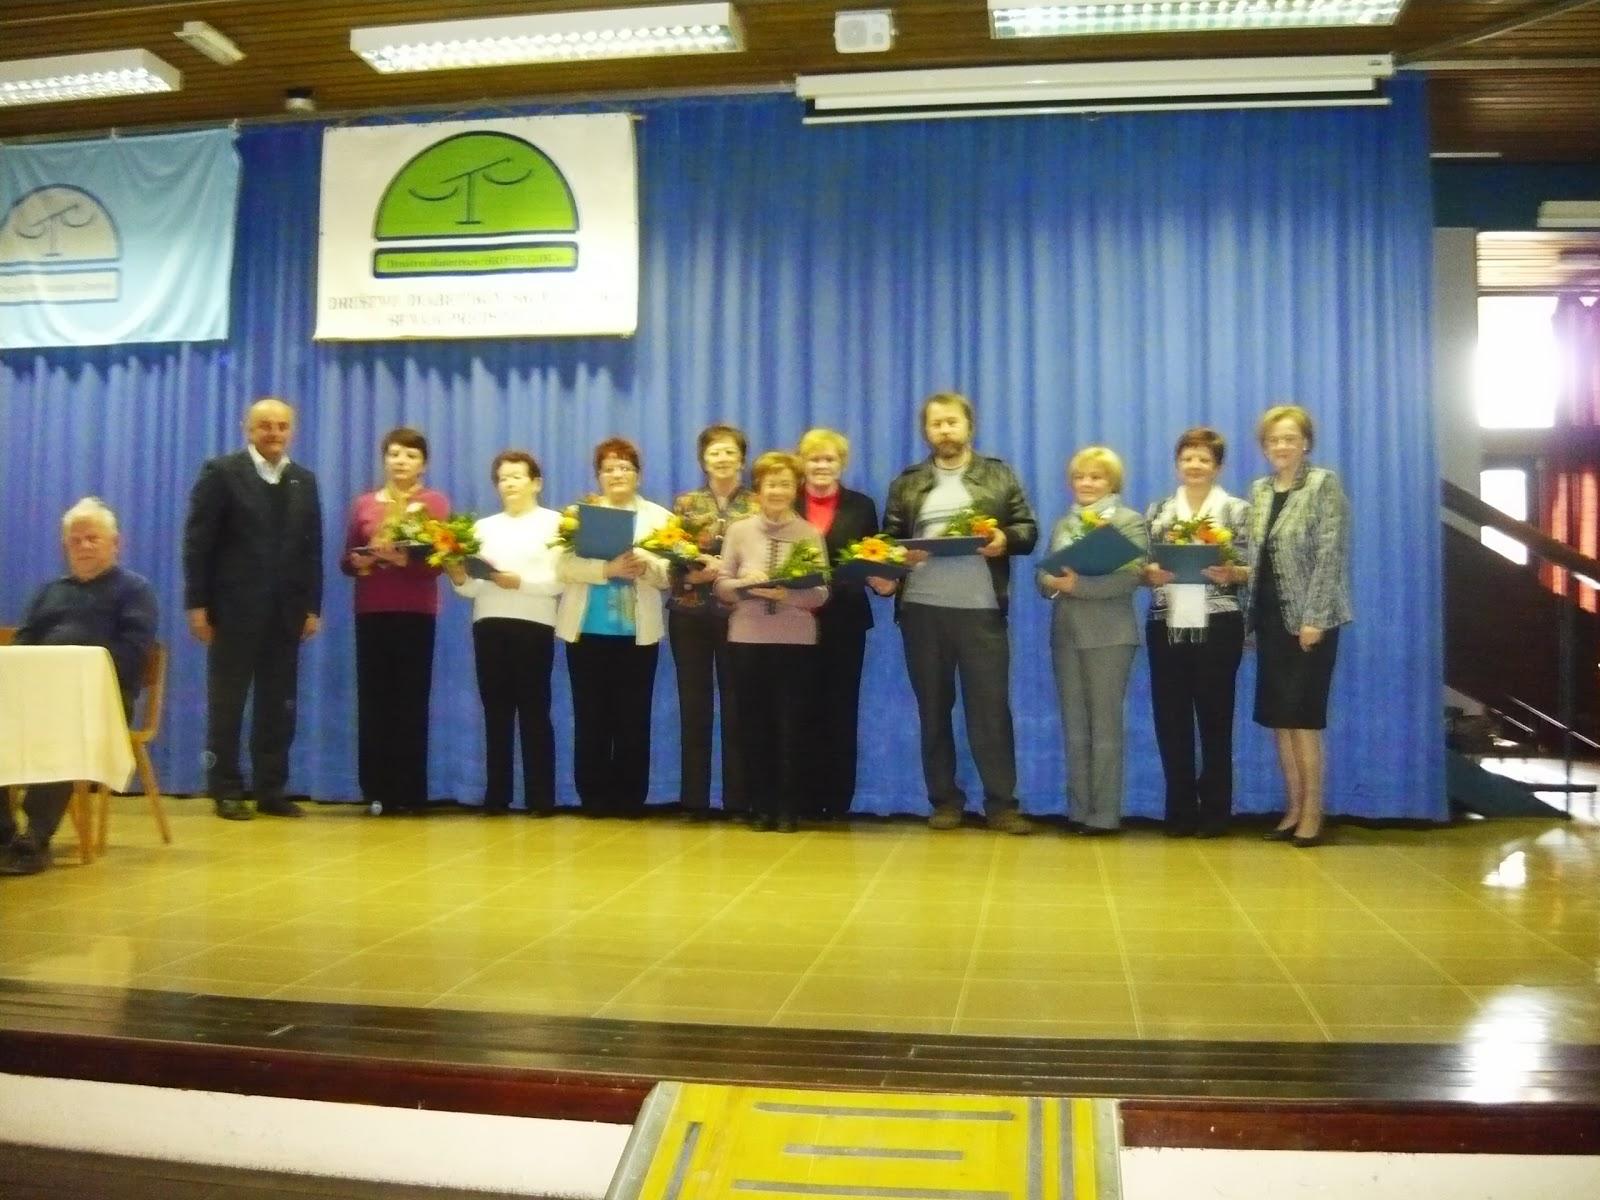 Občni zbor 2013 - P1060455.JPG